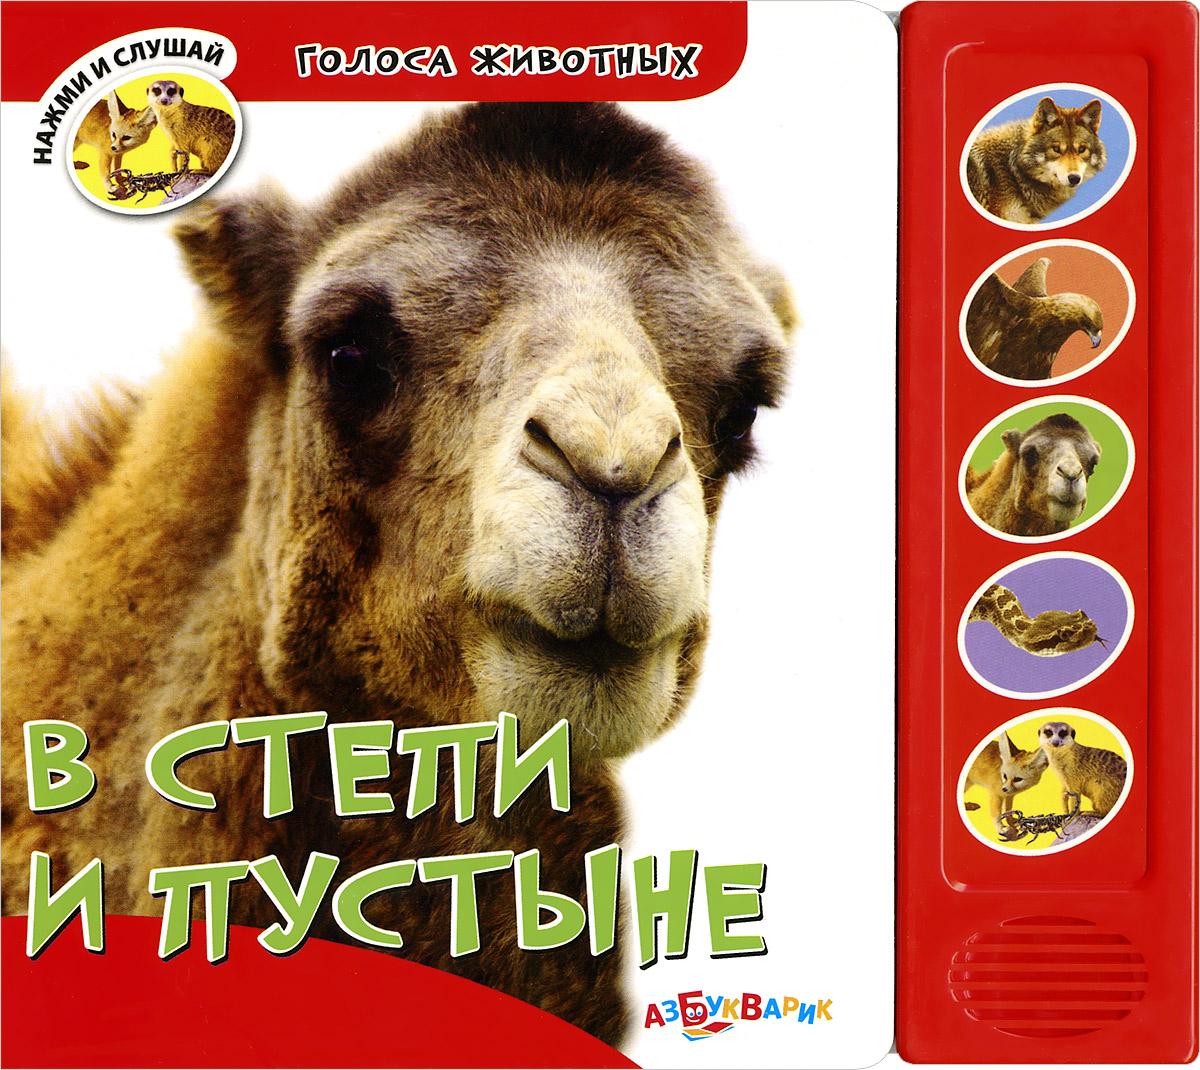 Голоса животных. В степи и пустыне. Книжка-игрушка ( 978-5-402-00644-7 )